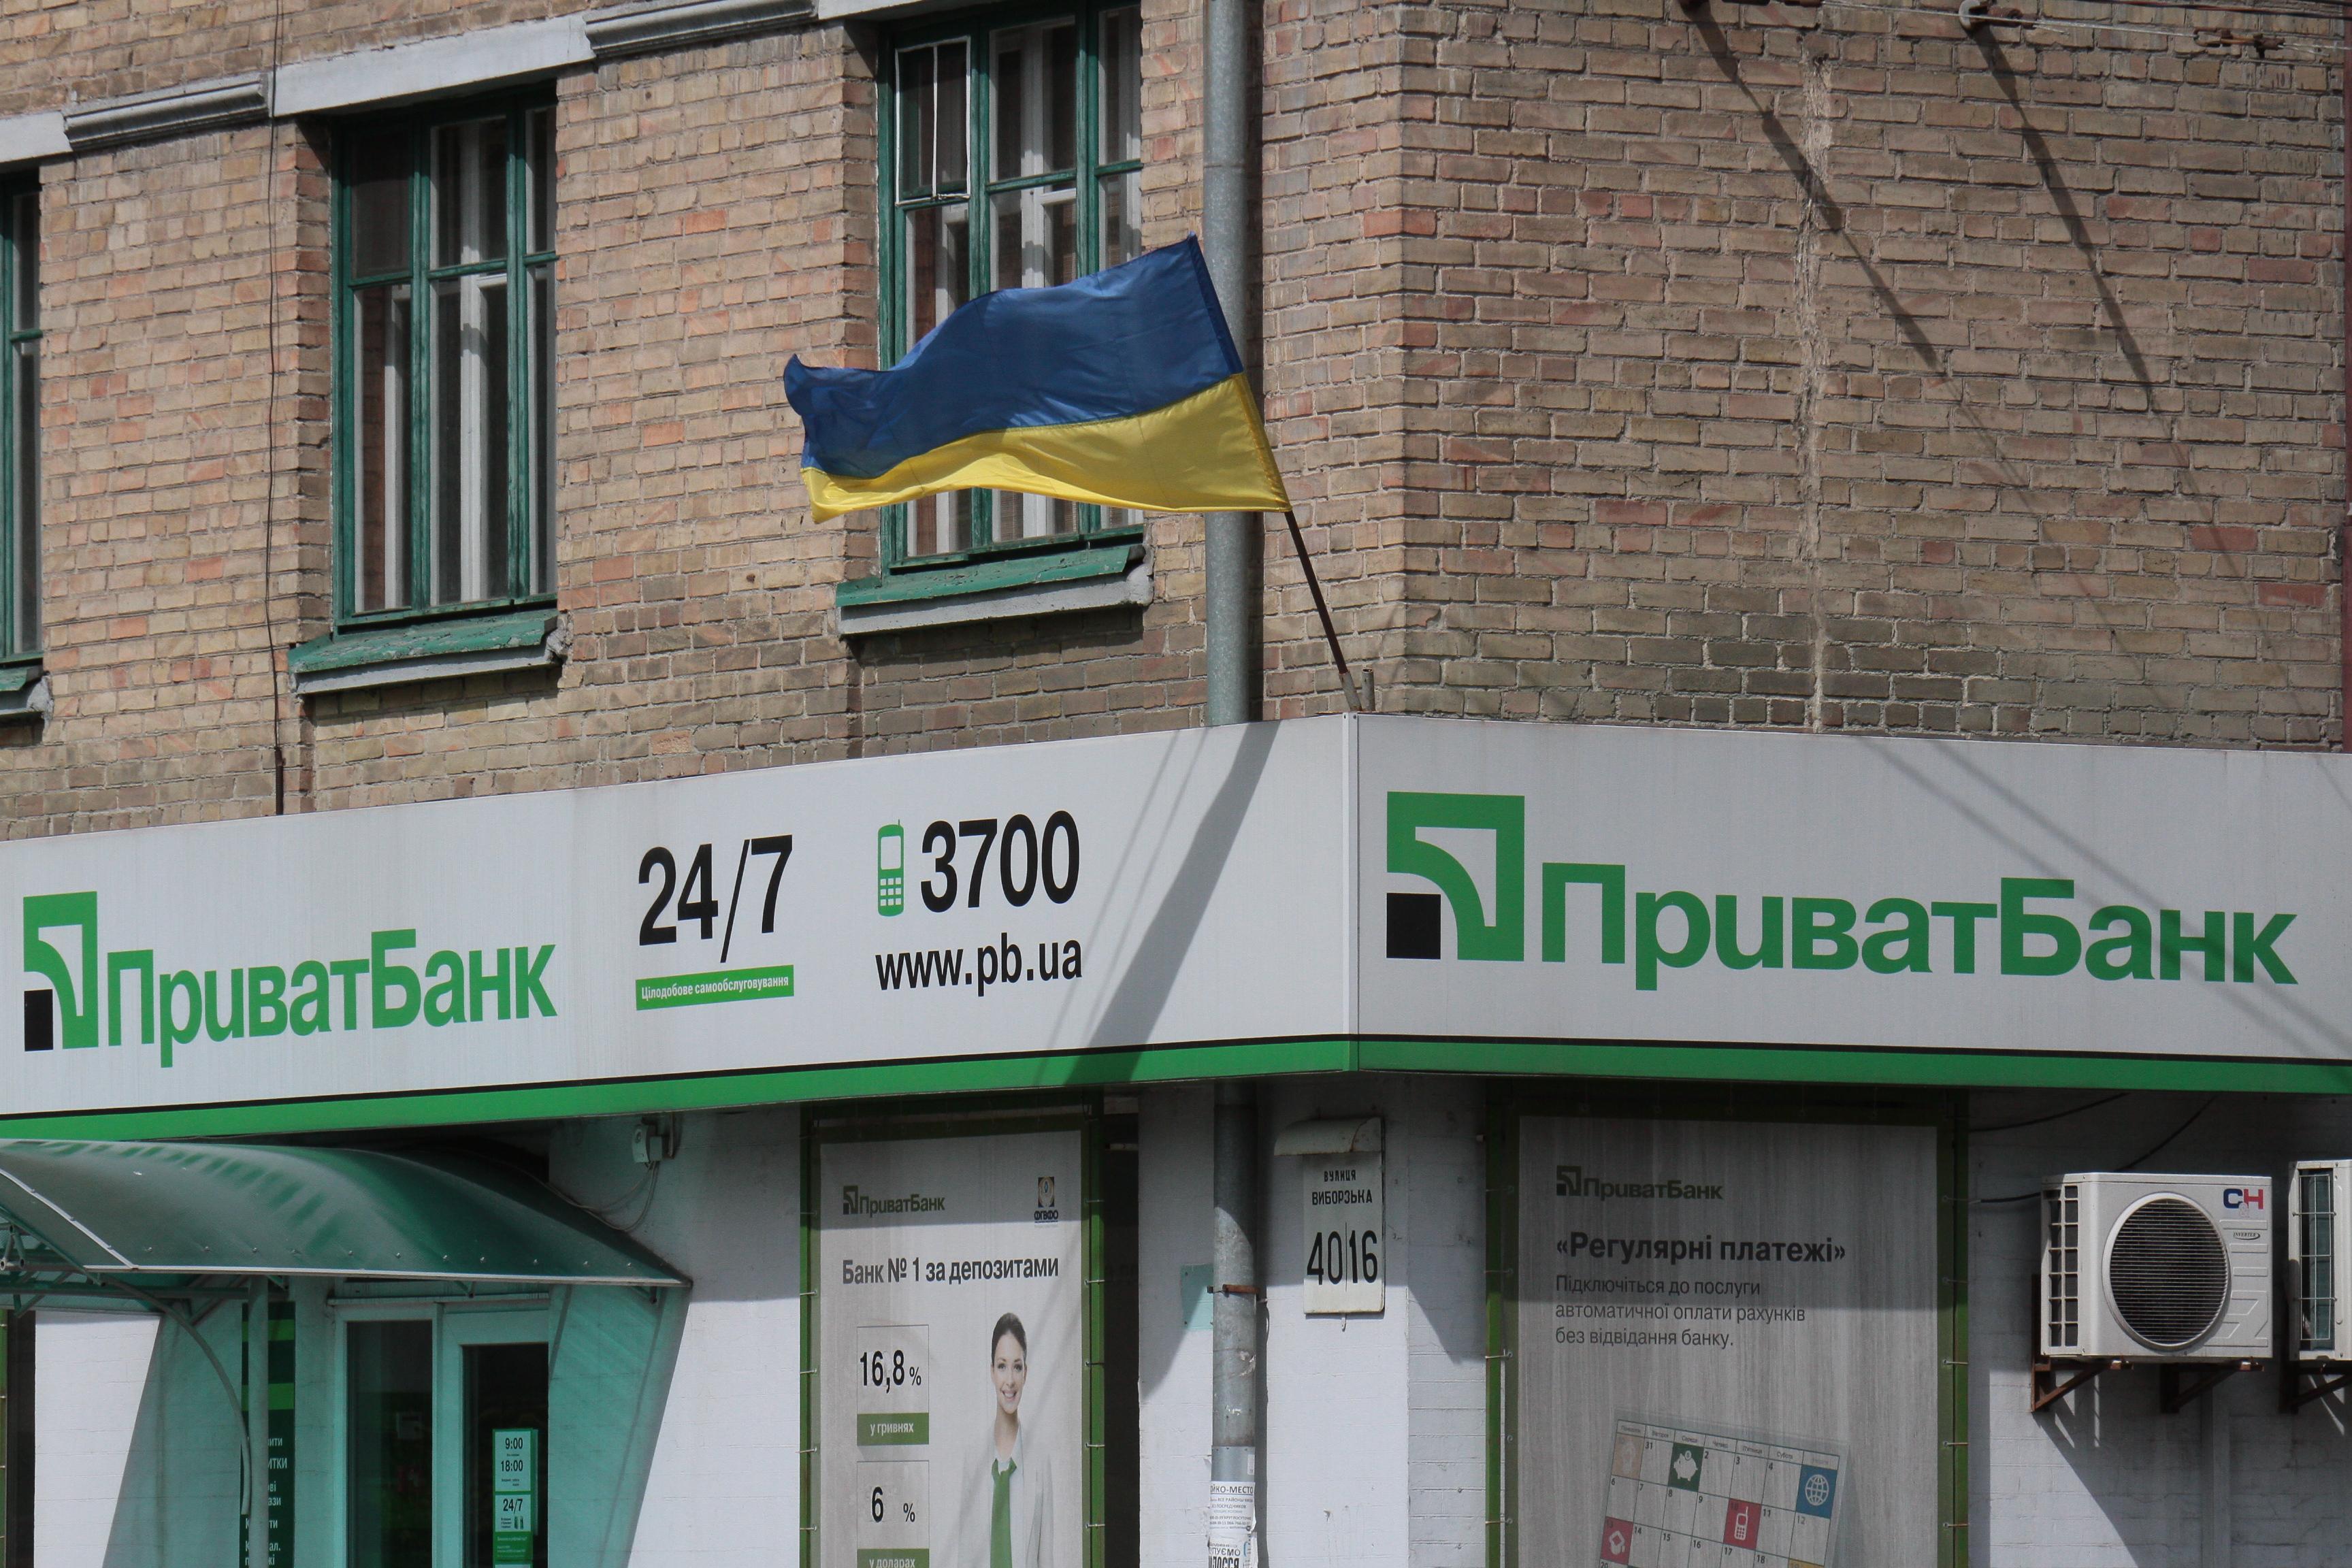 приватбанк на грани банкротства